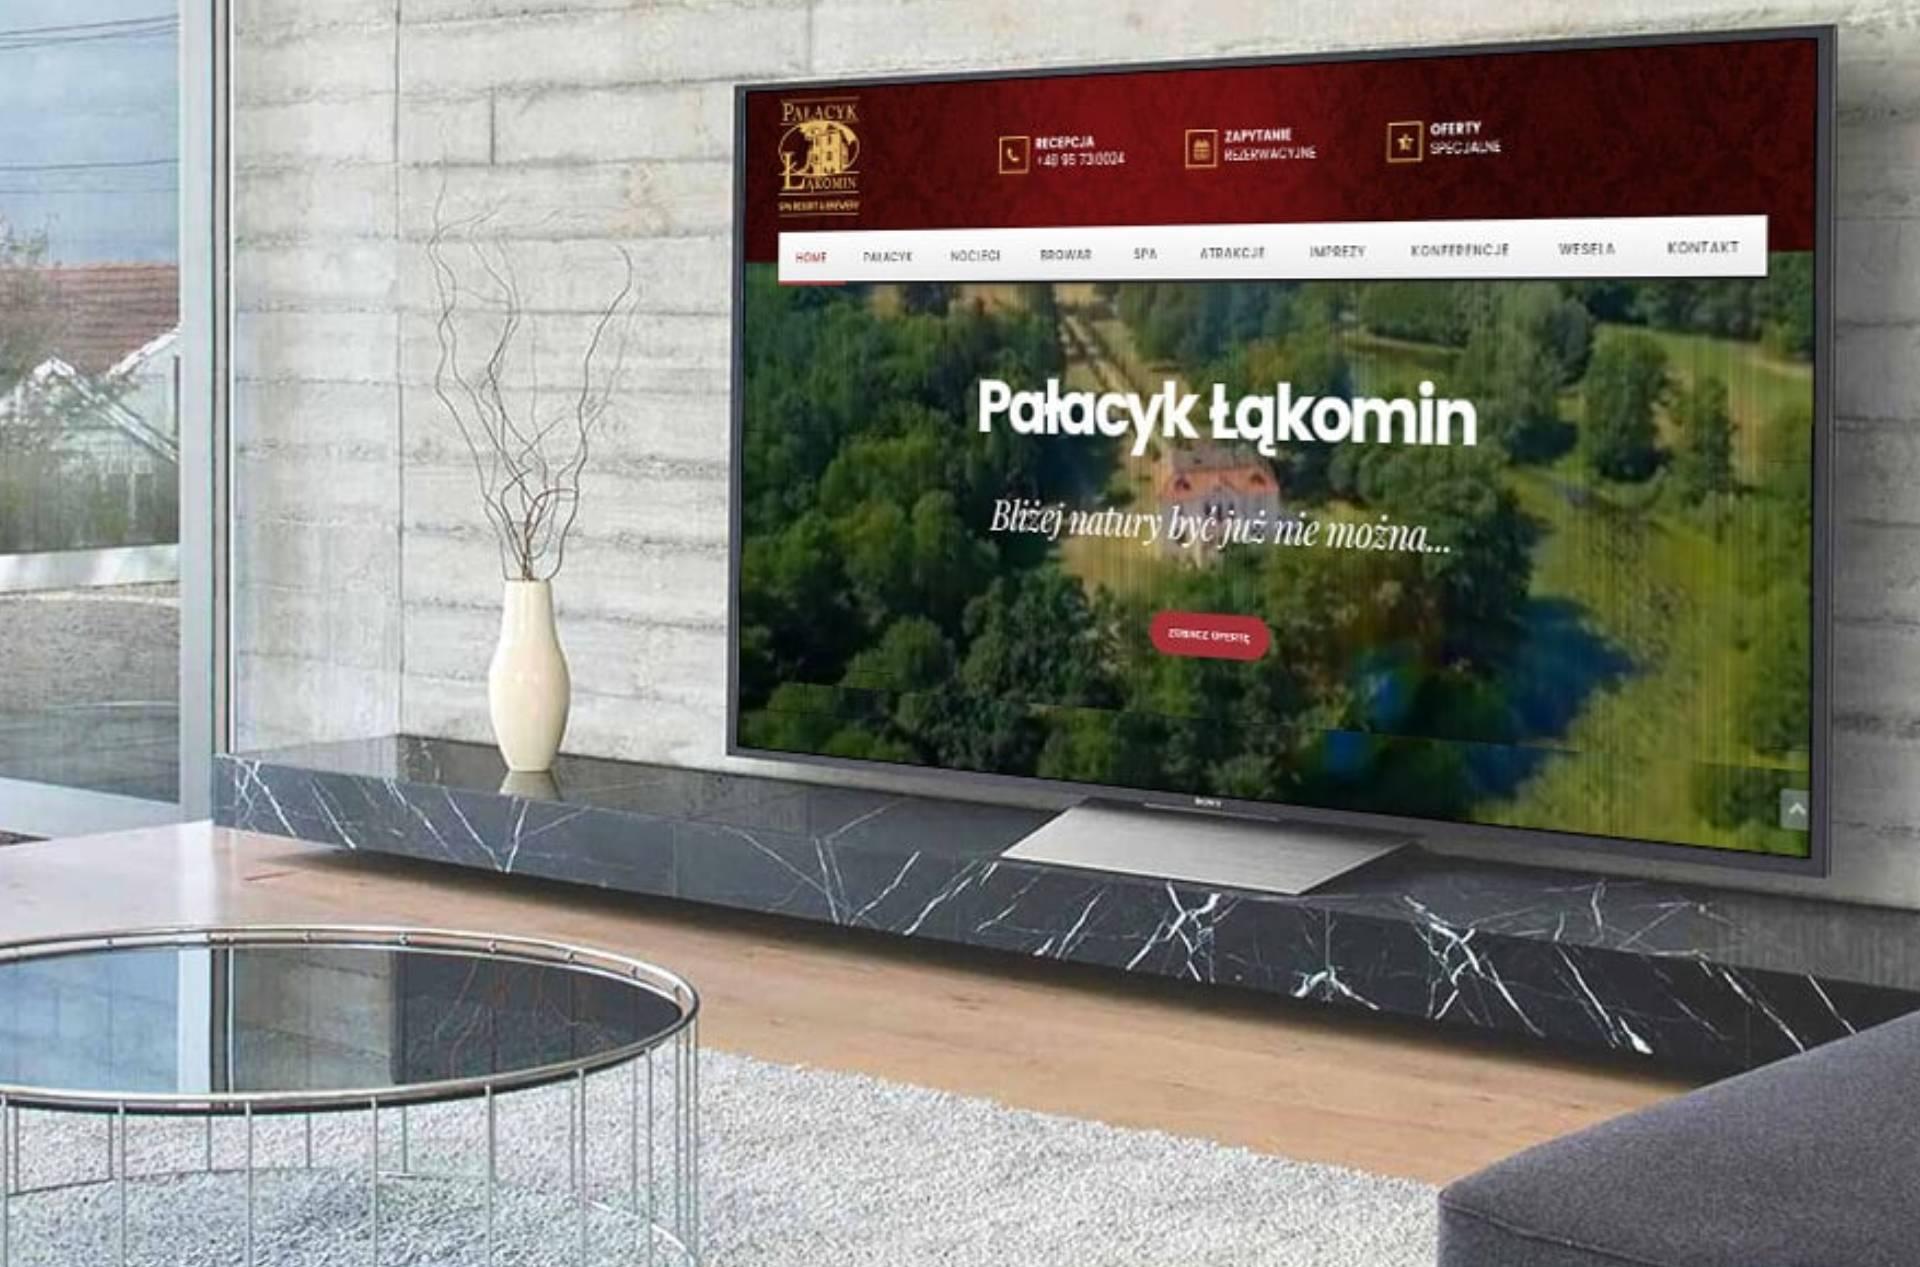 ROAN24 Łąkomin Palace Website